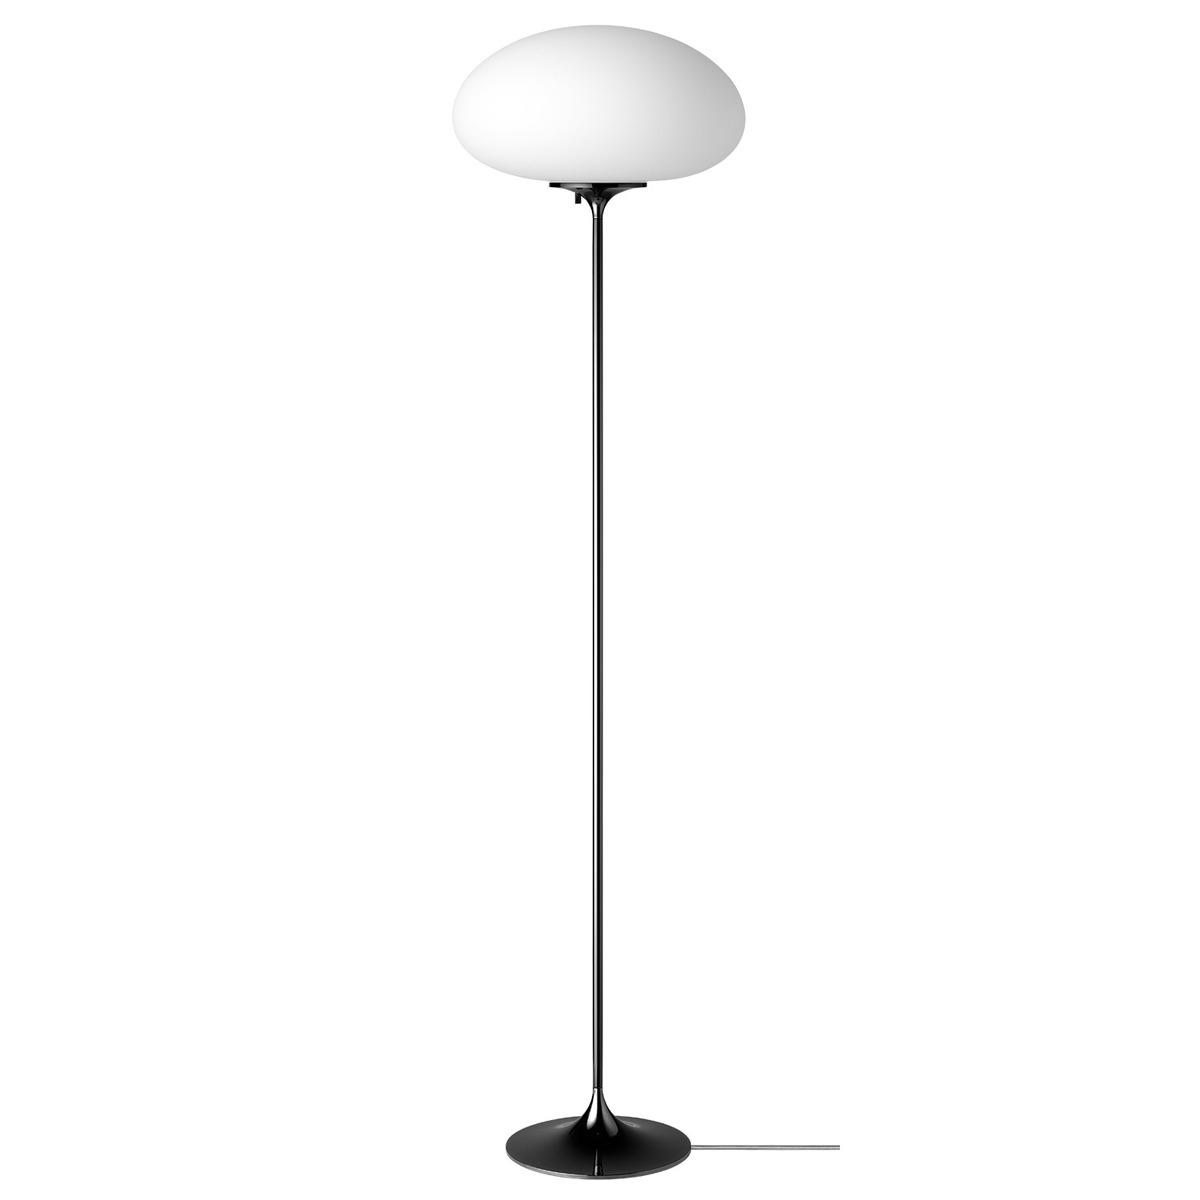 Gubi Stemlite Floor Lamp, 150 Cm, Black Chrome